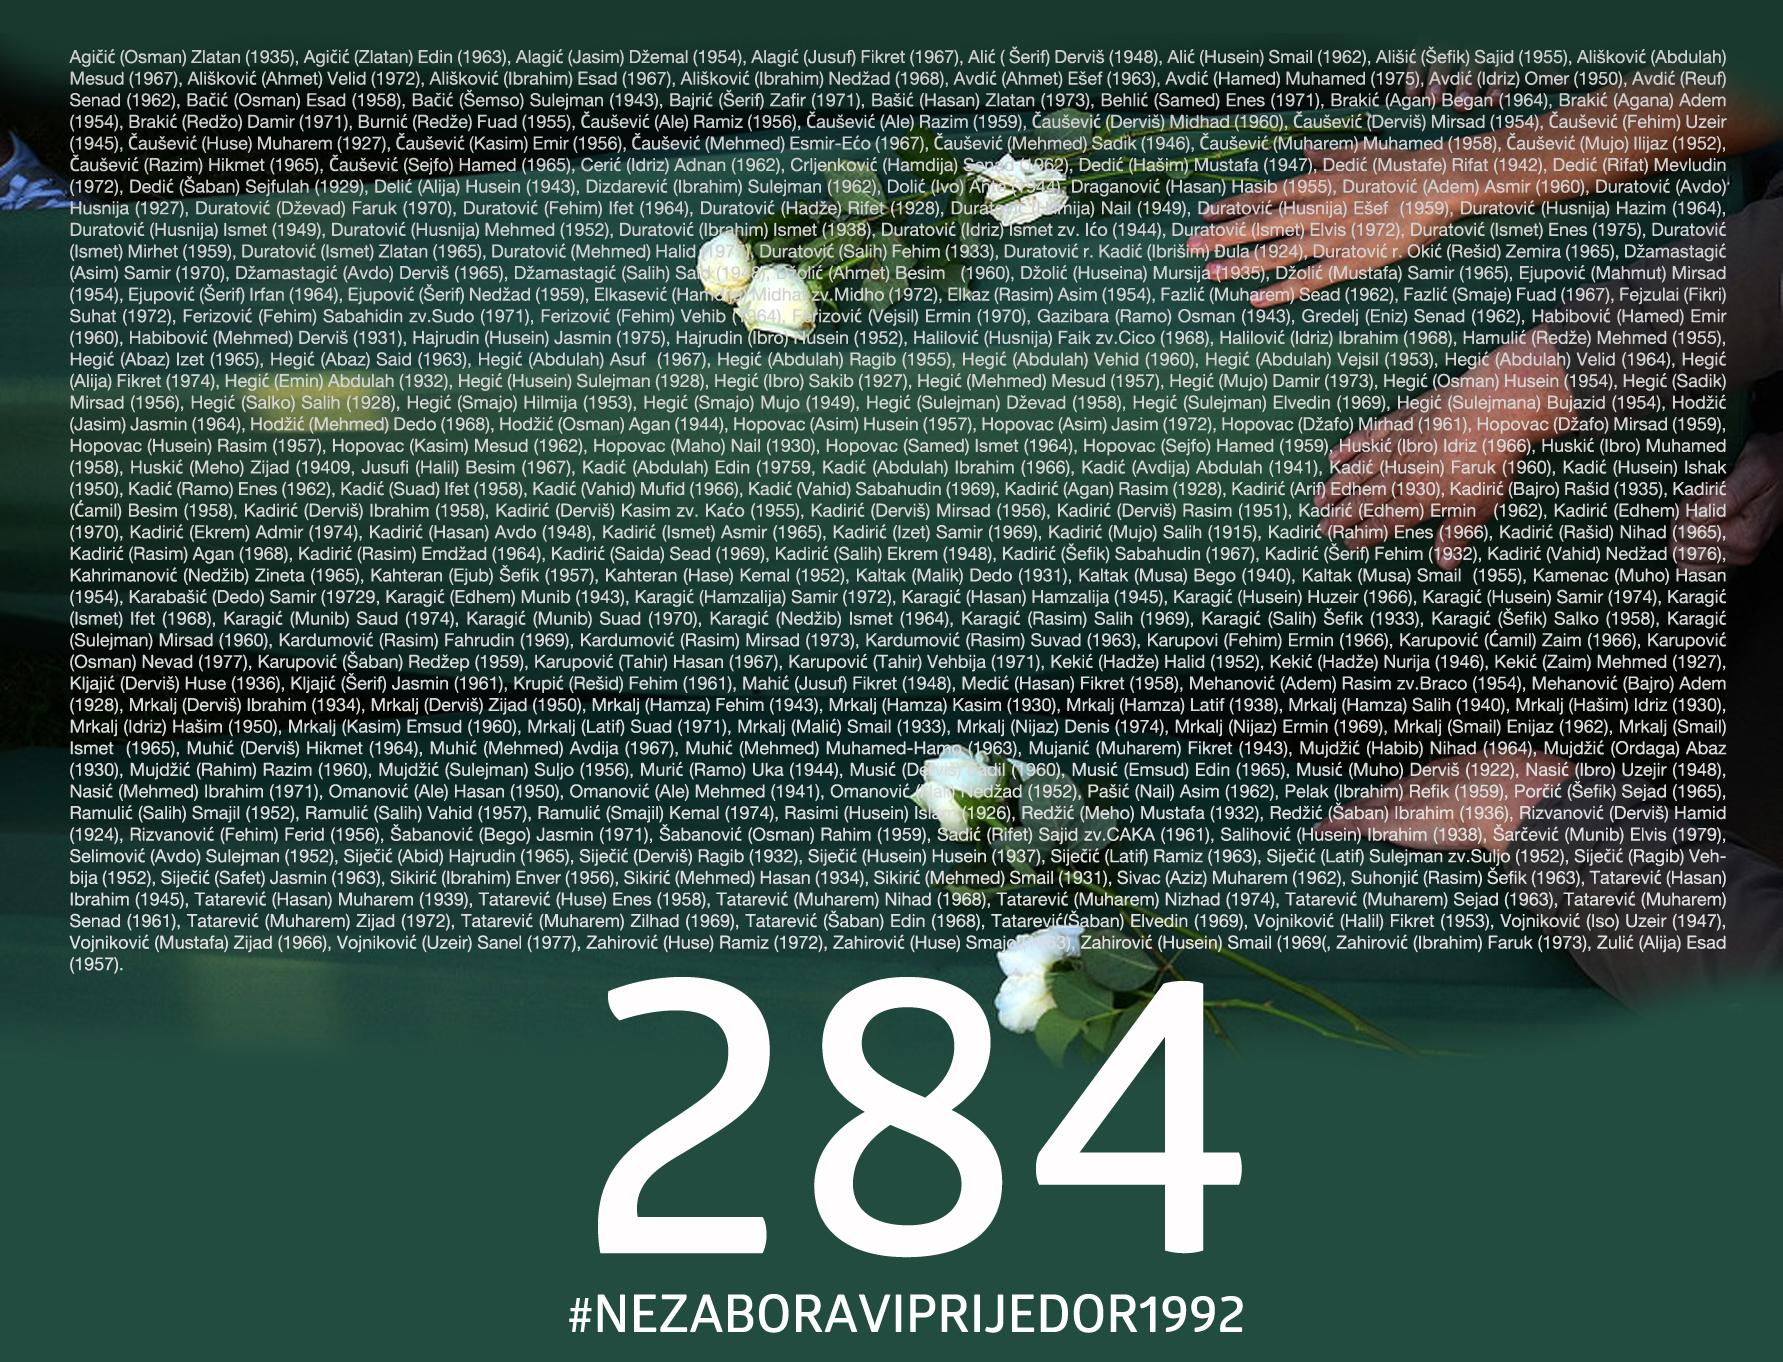 #NEZABORAVIPRIJEDOR1992